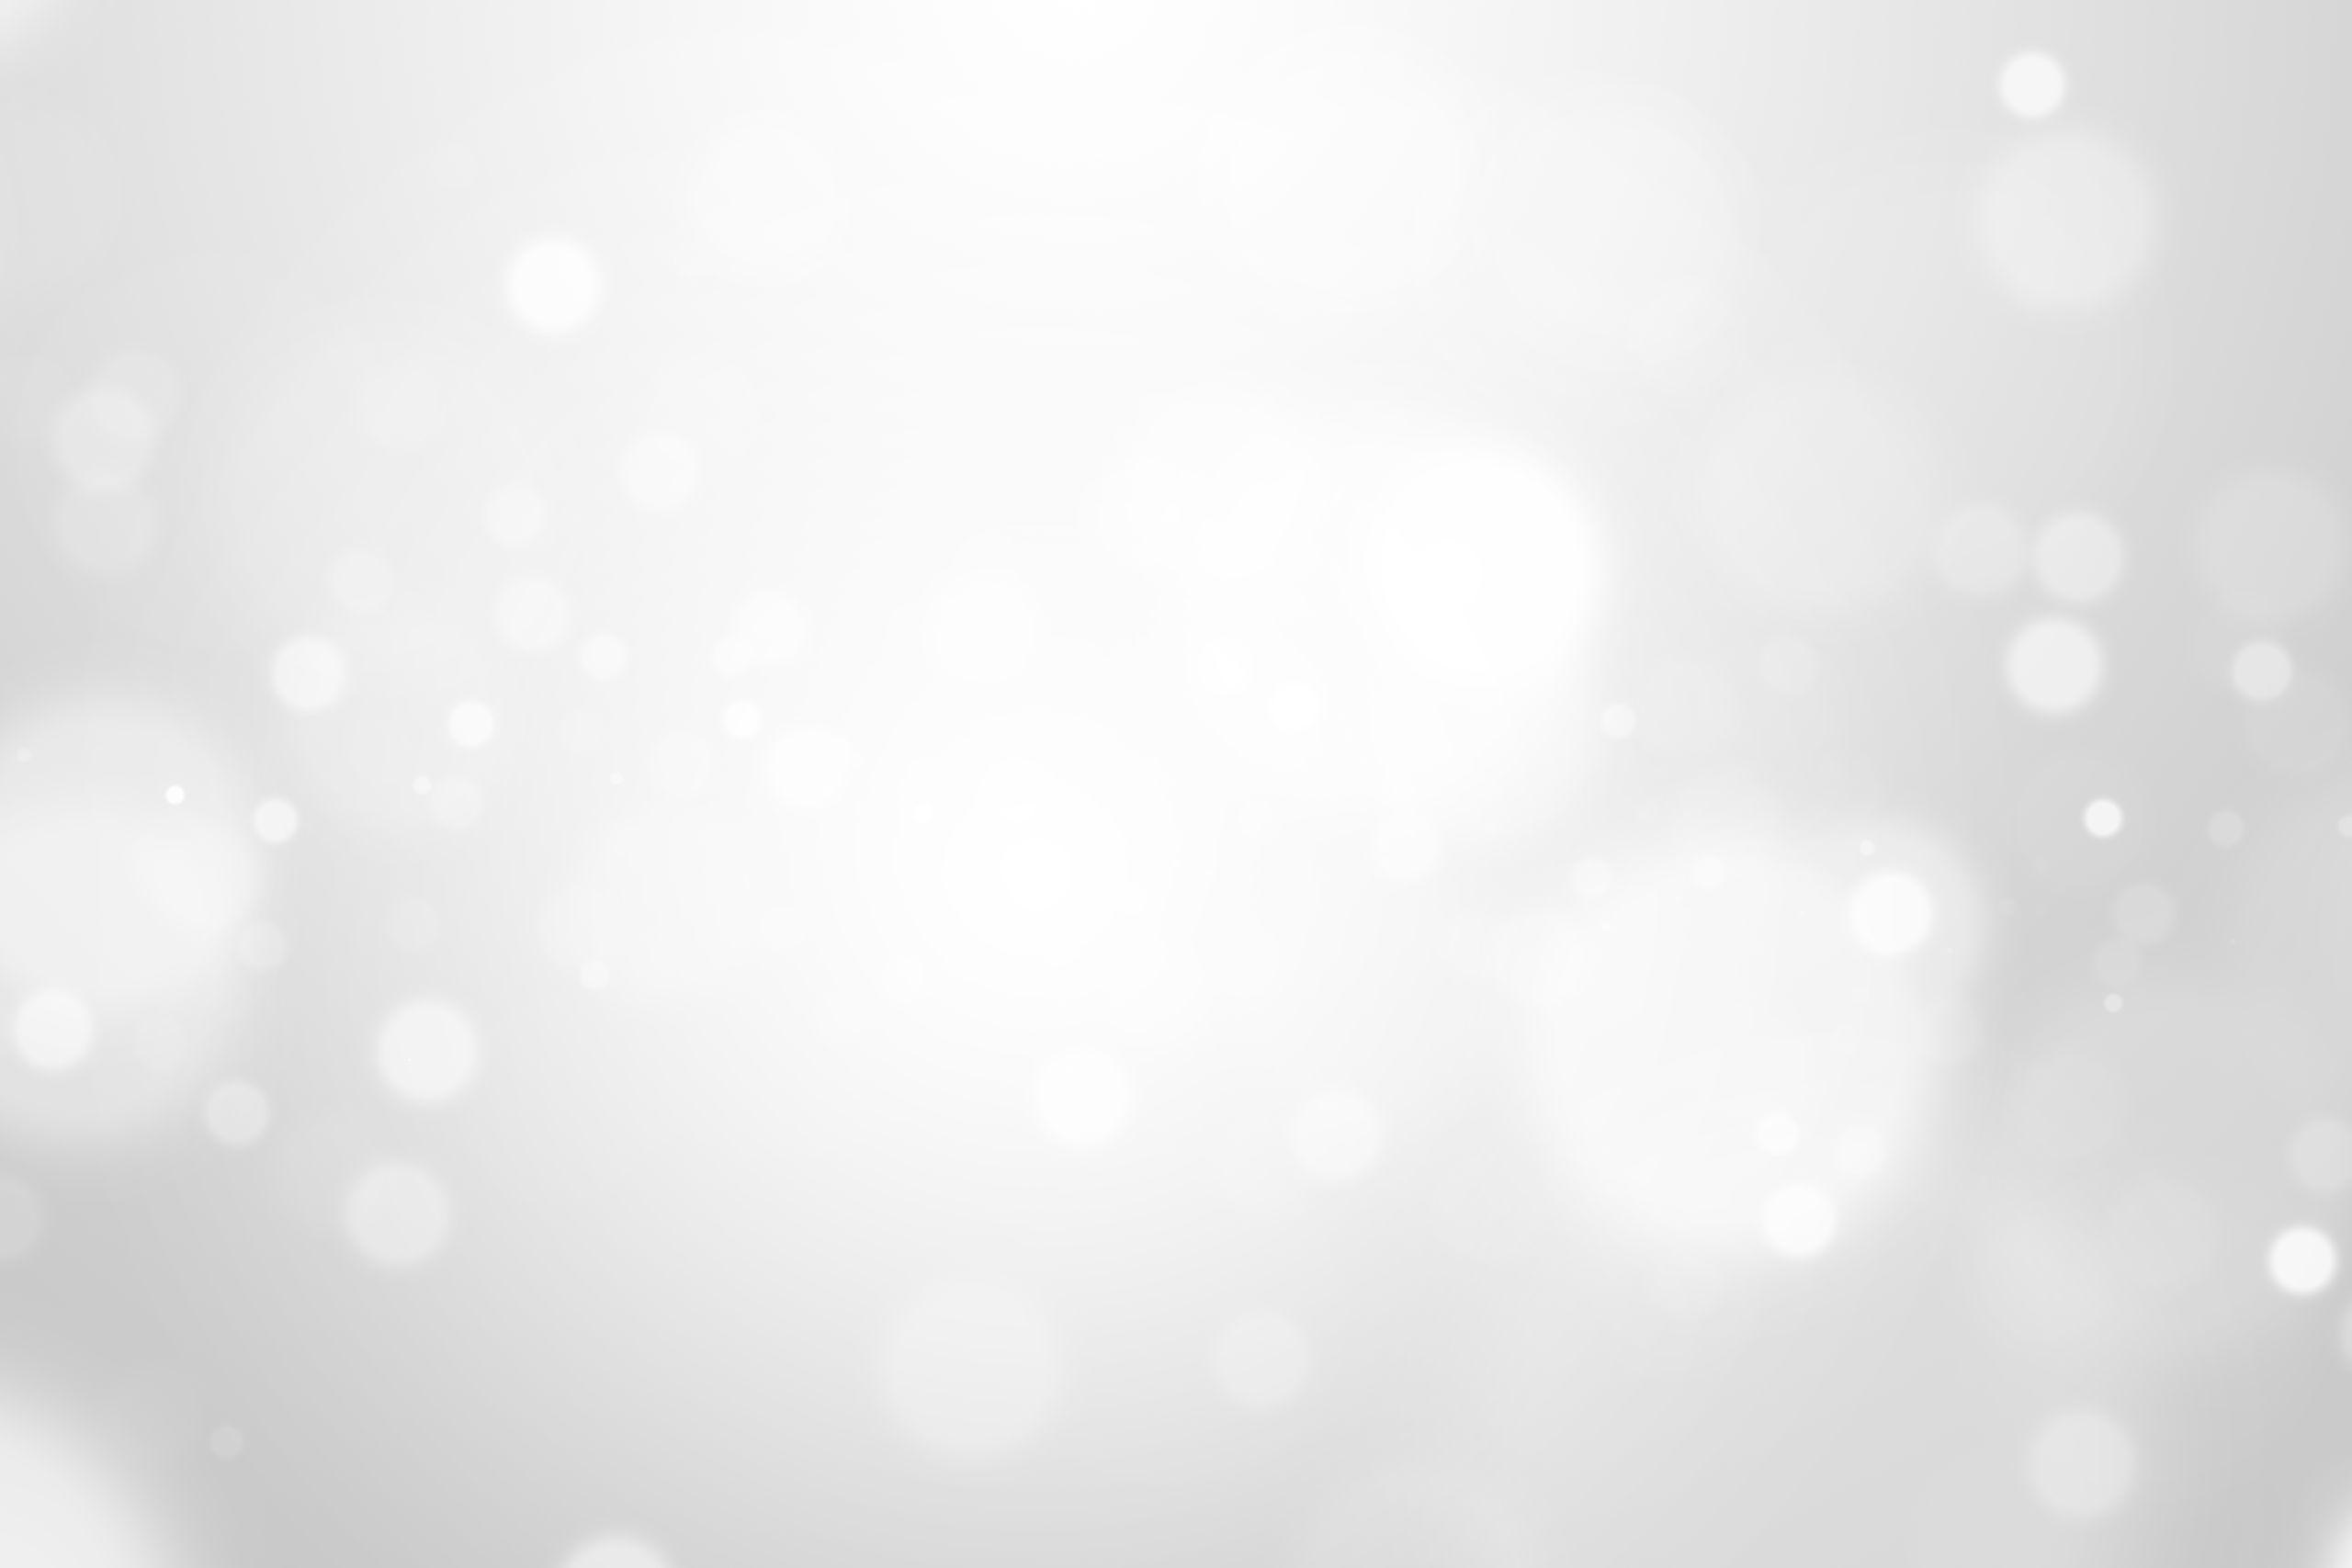 Светло-серый фон для фотошопа с круглыми бликами.